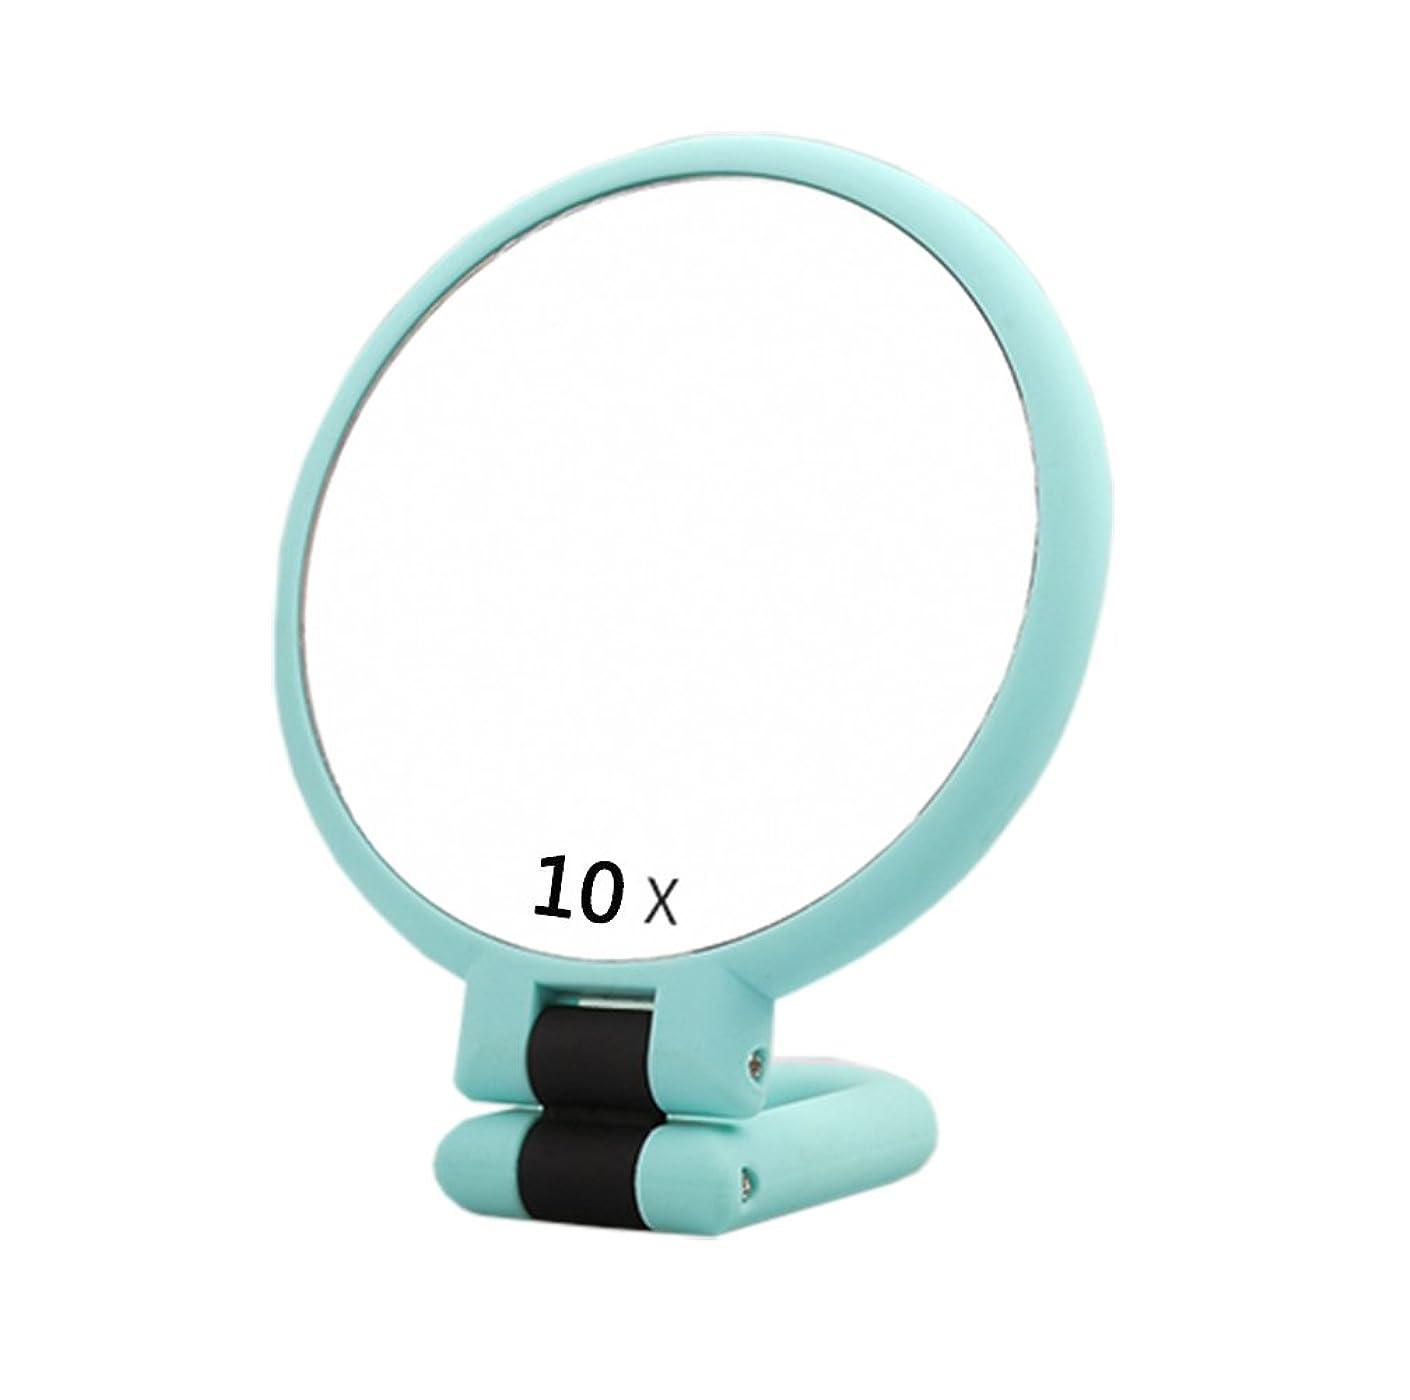 二面鏡 手鏡 ミラー 10倍拡大鏡 折り畳み 等倍鏡 化粧鏡 かがみ 丸型 女優 おしゃれ ハンド コンパクト 携帯ミラー 360度 (lan)